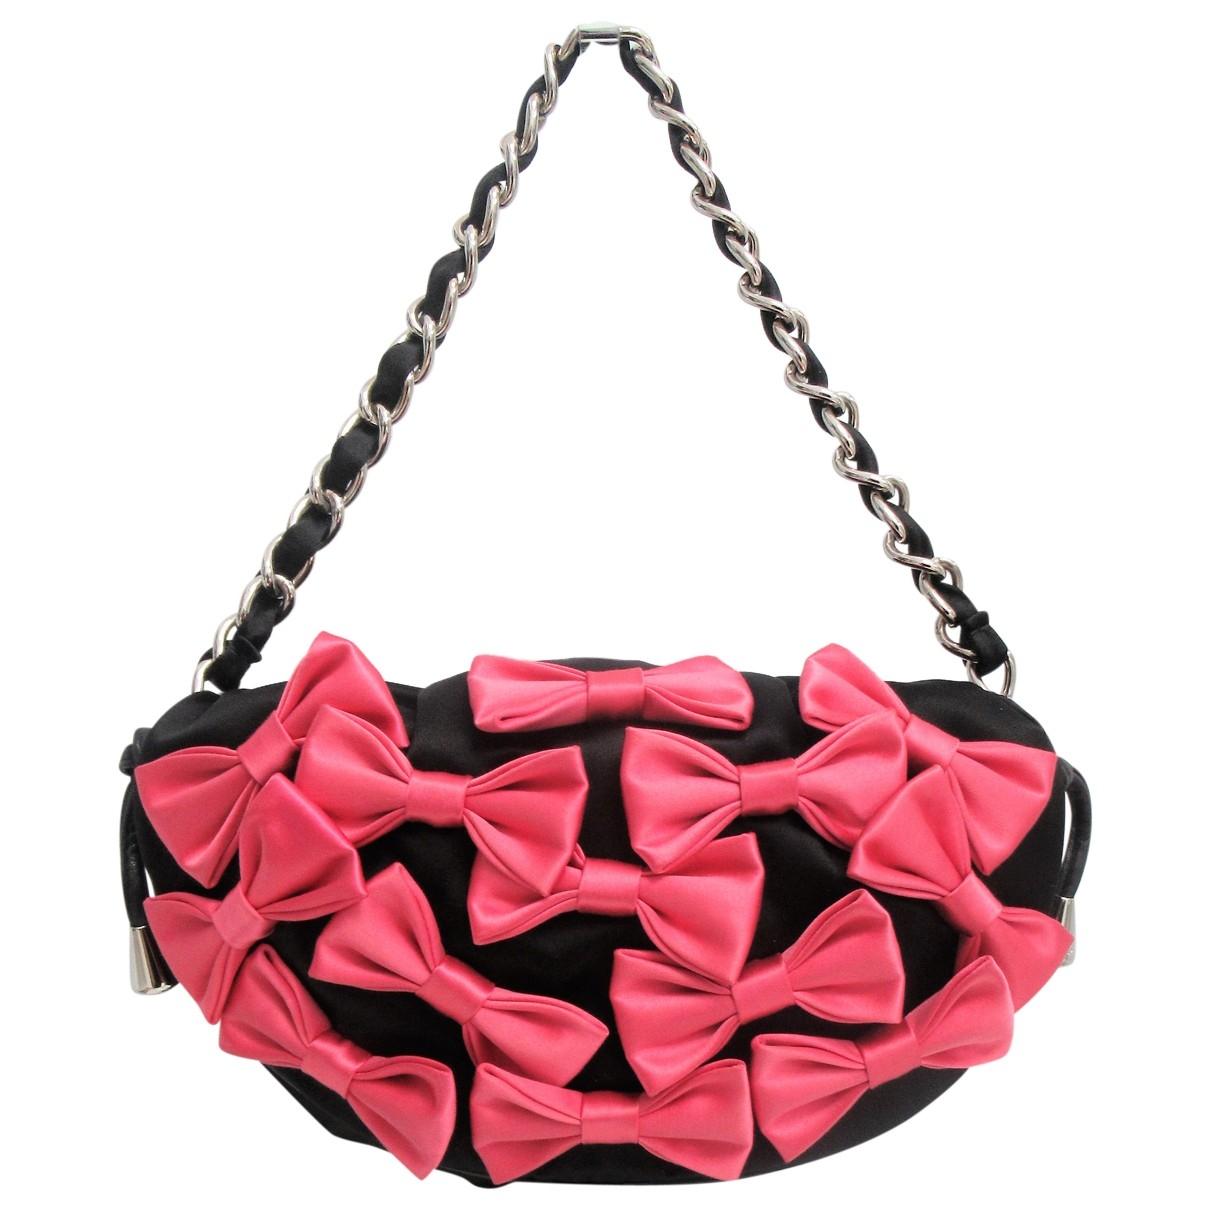 D&g \N Black Cotton handbag for Women \N